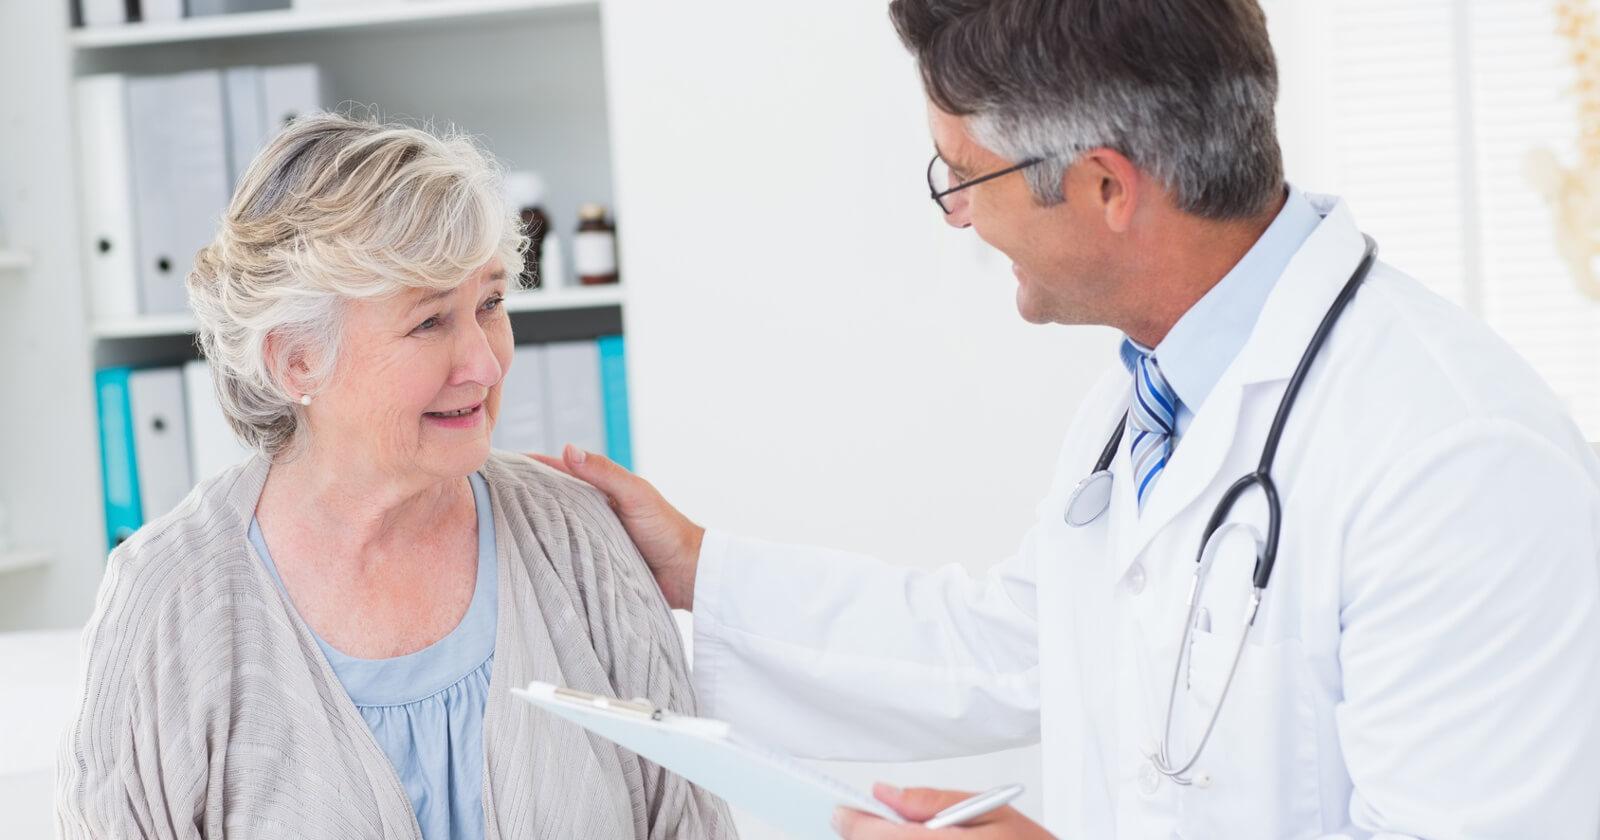 Hämorrhoiden: welcher Arzt & wann ist ein Besuch notwendig?